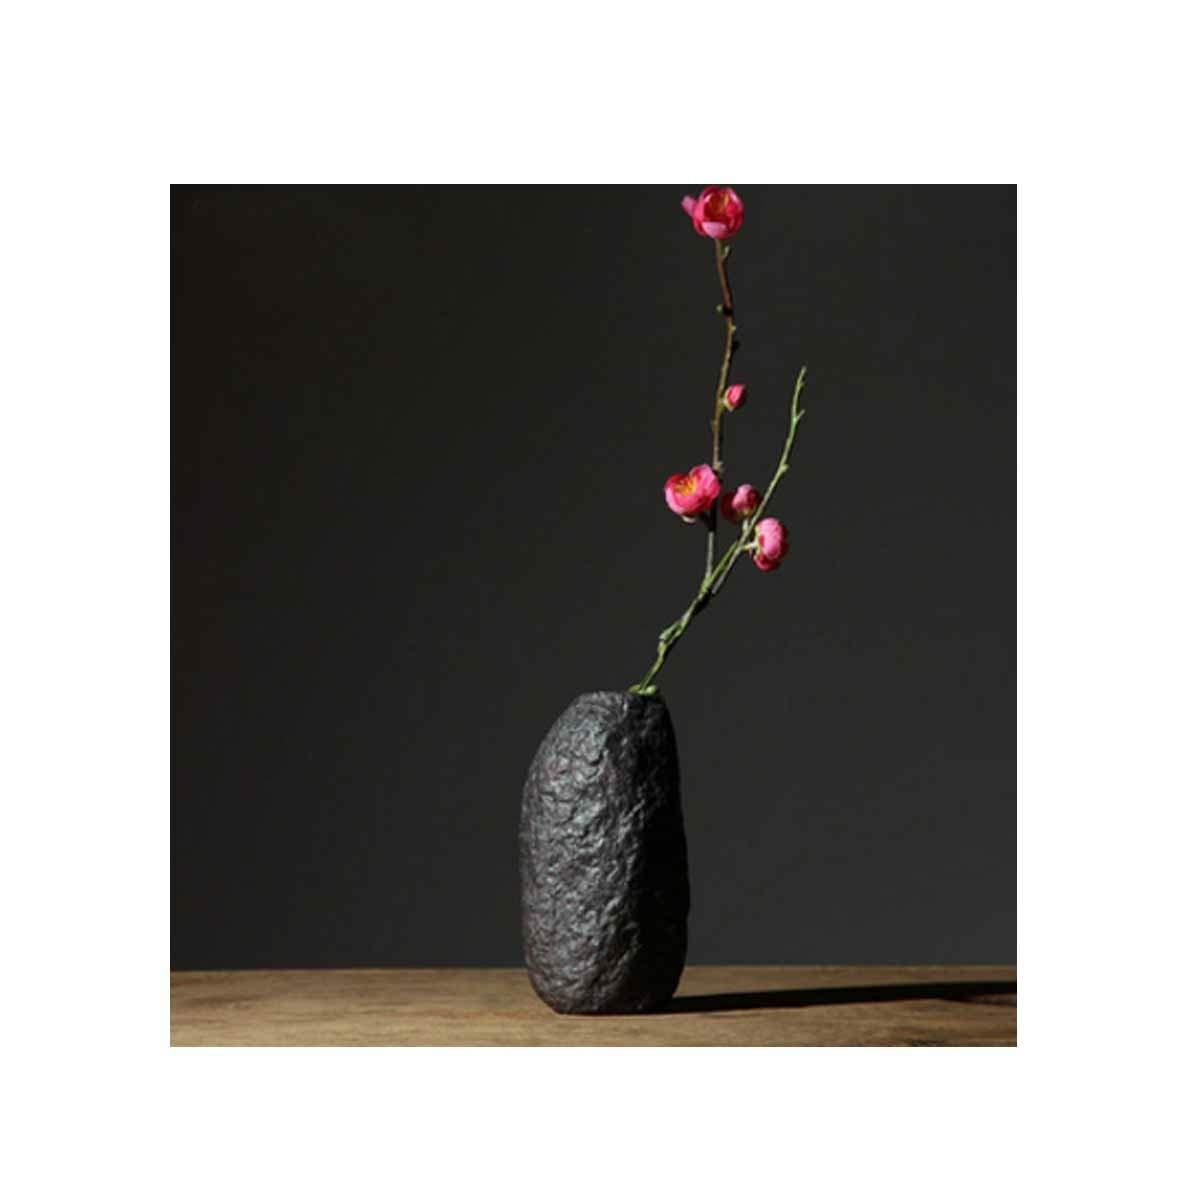 花瓶、オフィスおよび家の禅の装飾品に適した中国の新しい創造的な陶製の花瓶、黒 (Color : Black 1) B07RSZNBQF Black 1